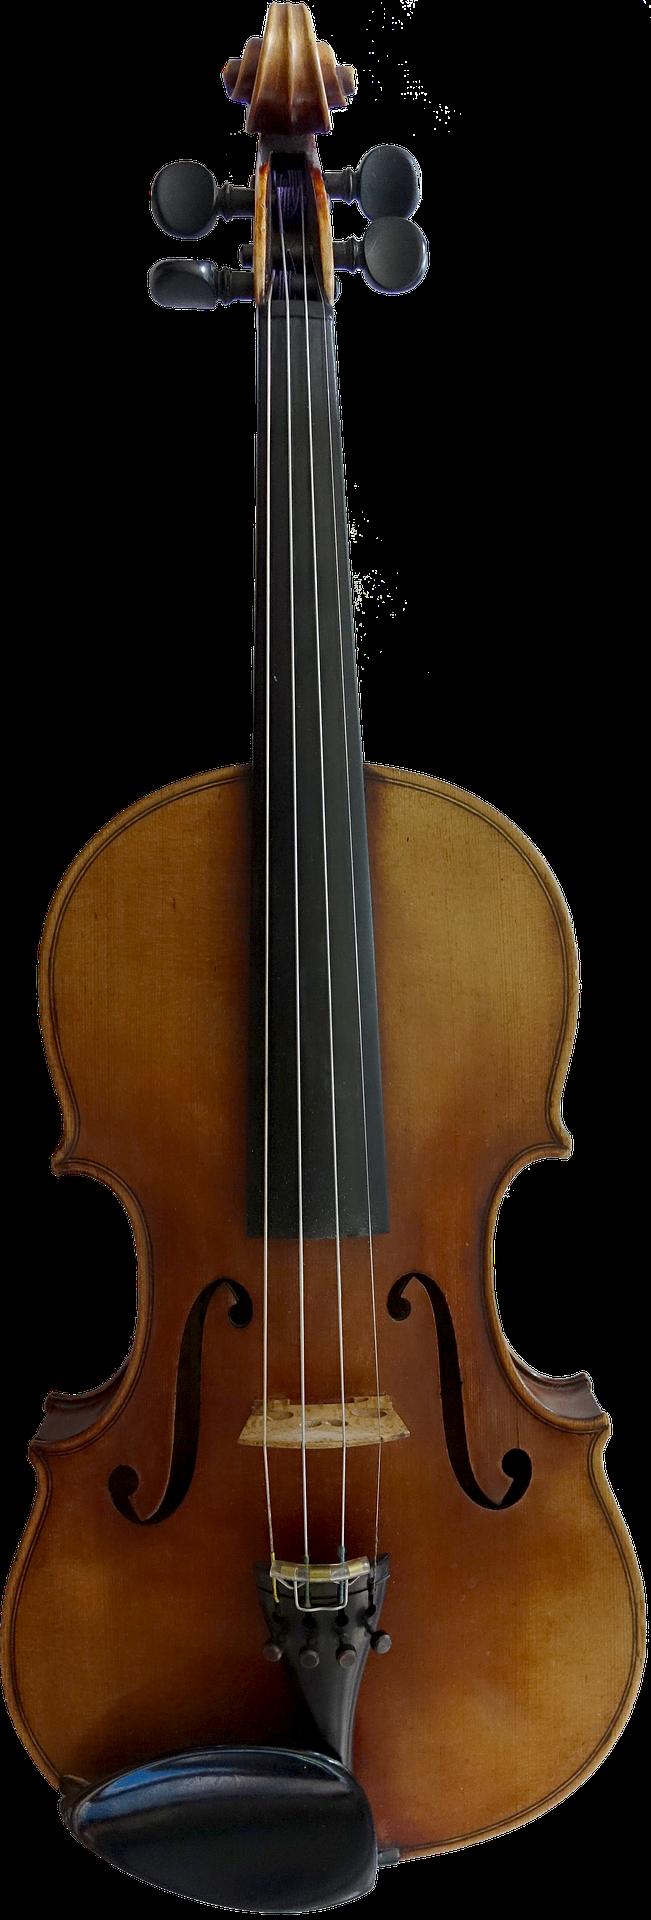 violin-1638742_1920.png